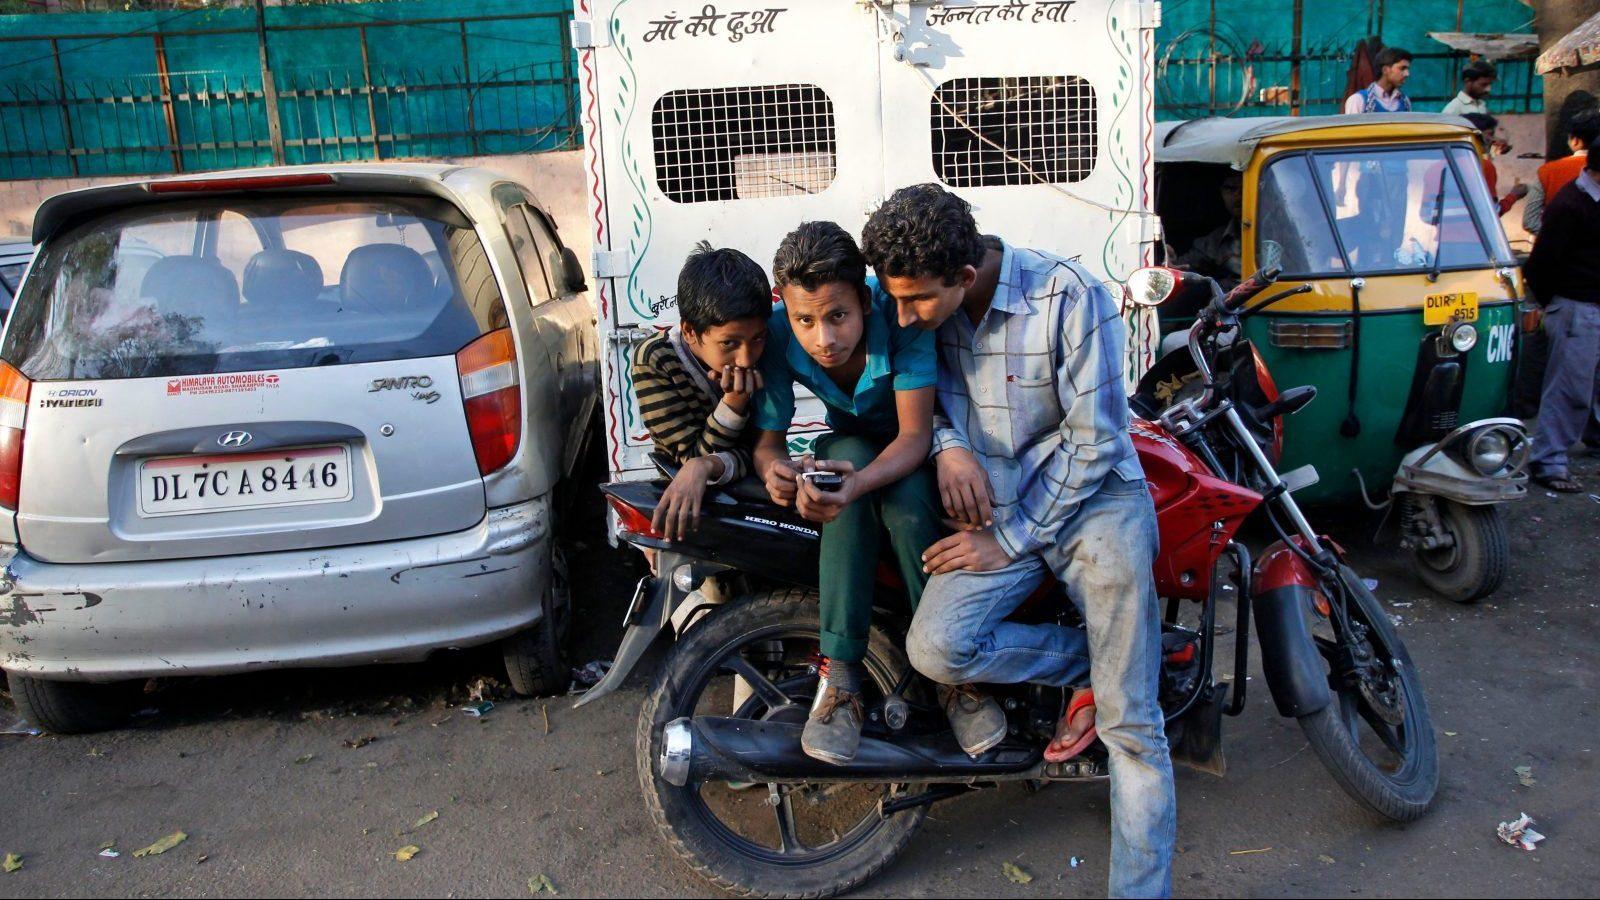 India-mobilephones-